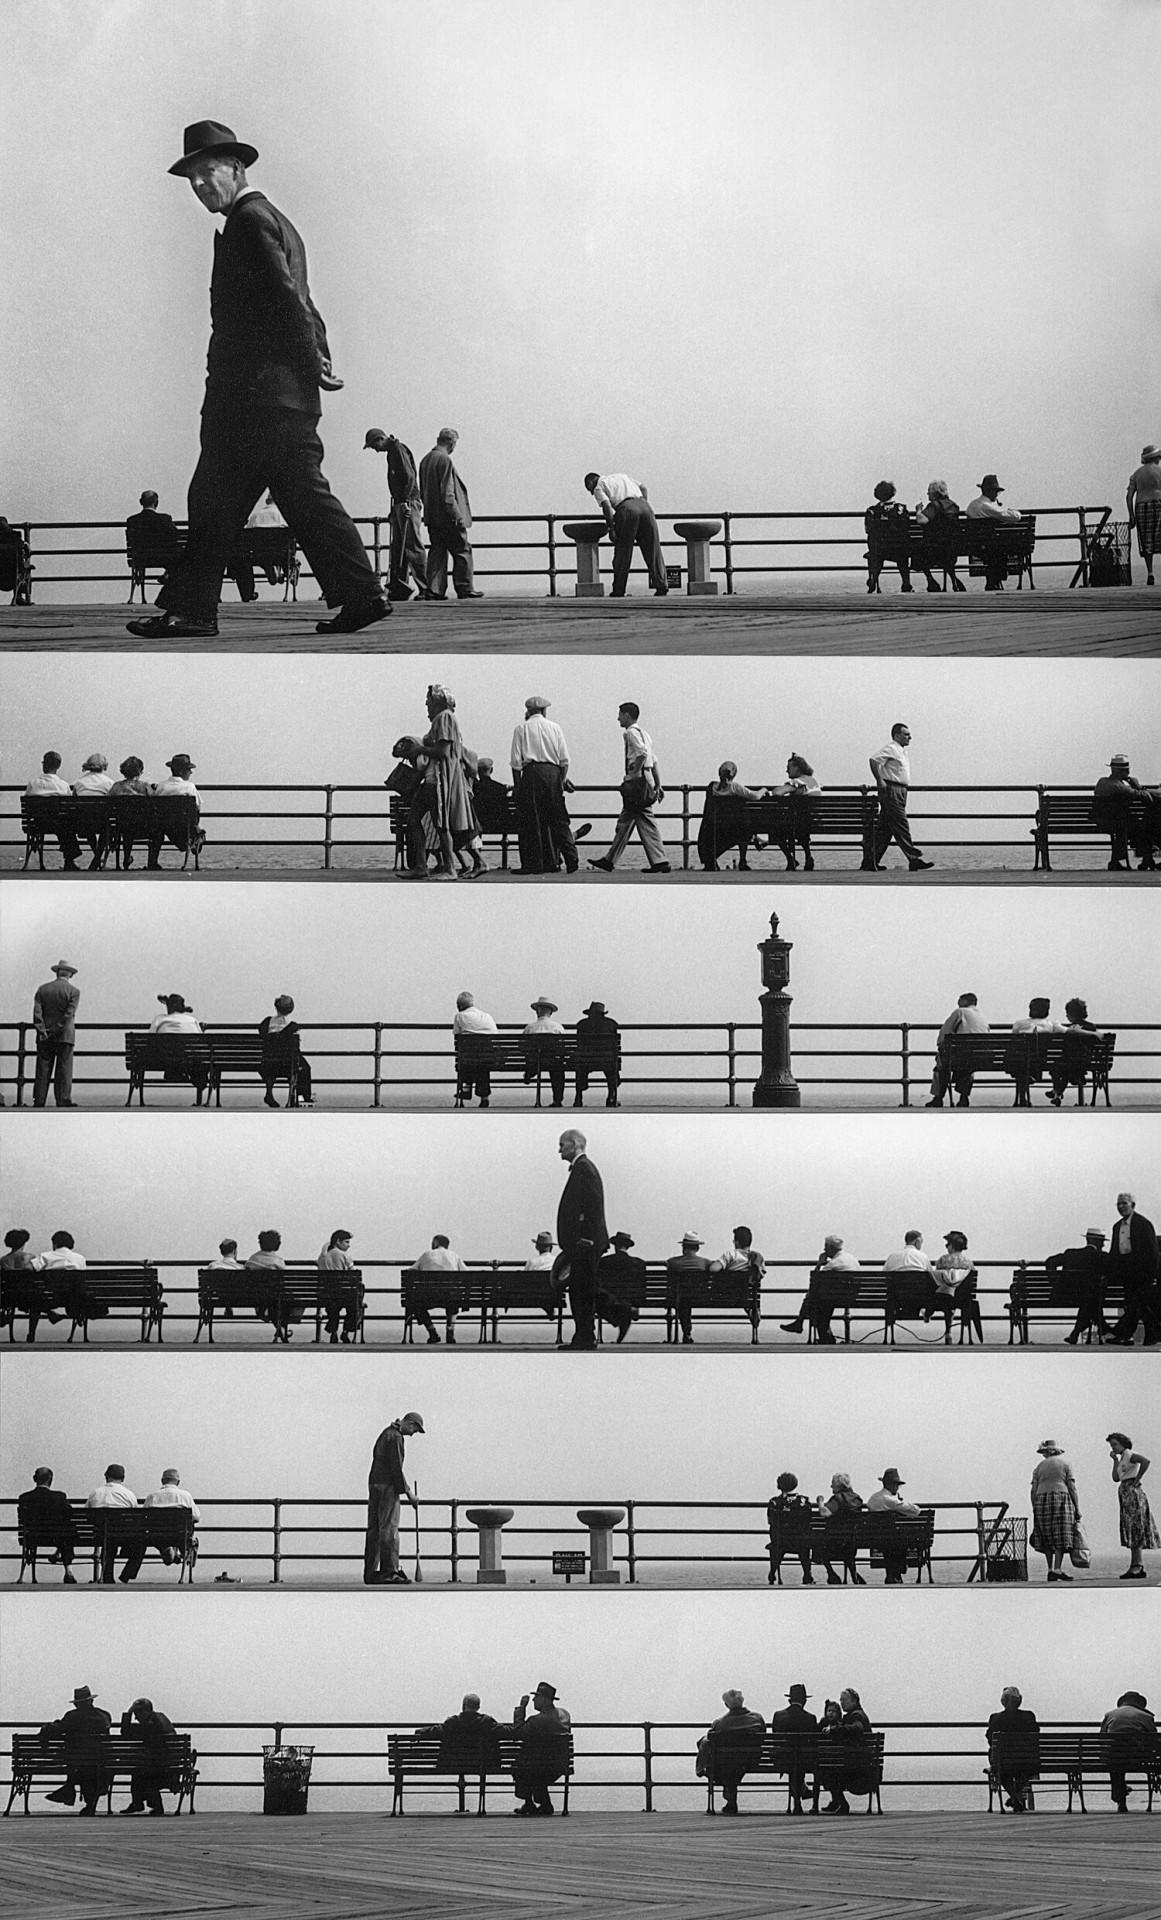 Нотный стан набережной, 1952. Фотограф Гарольд Файнштейн